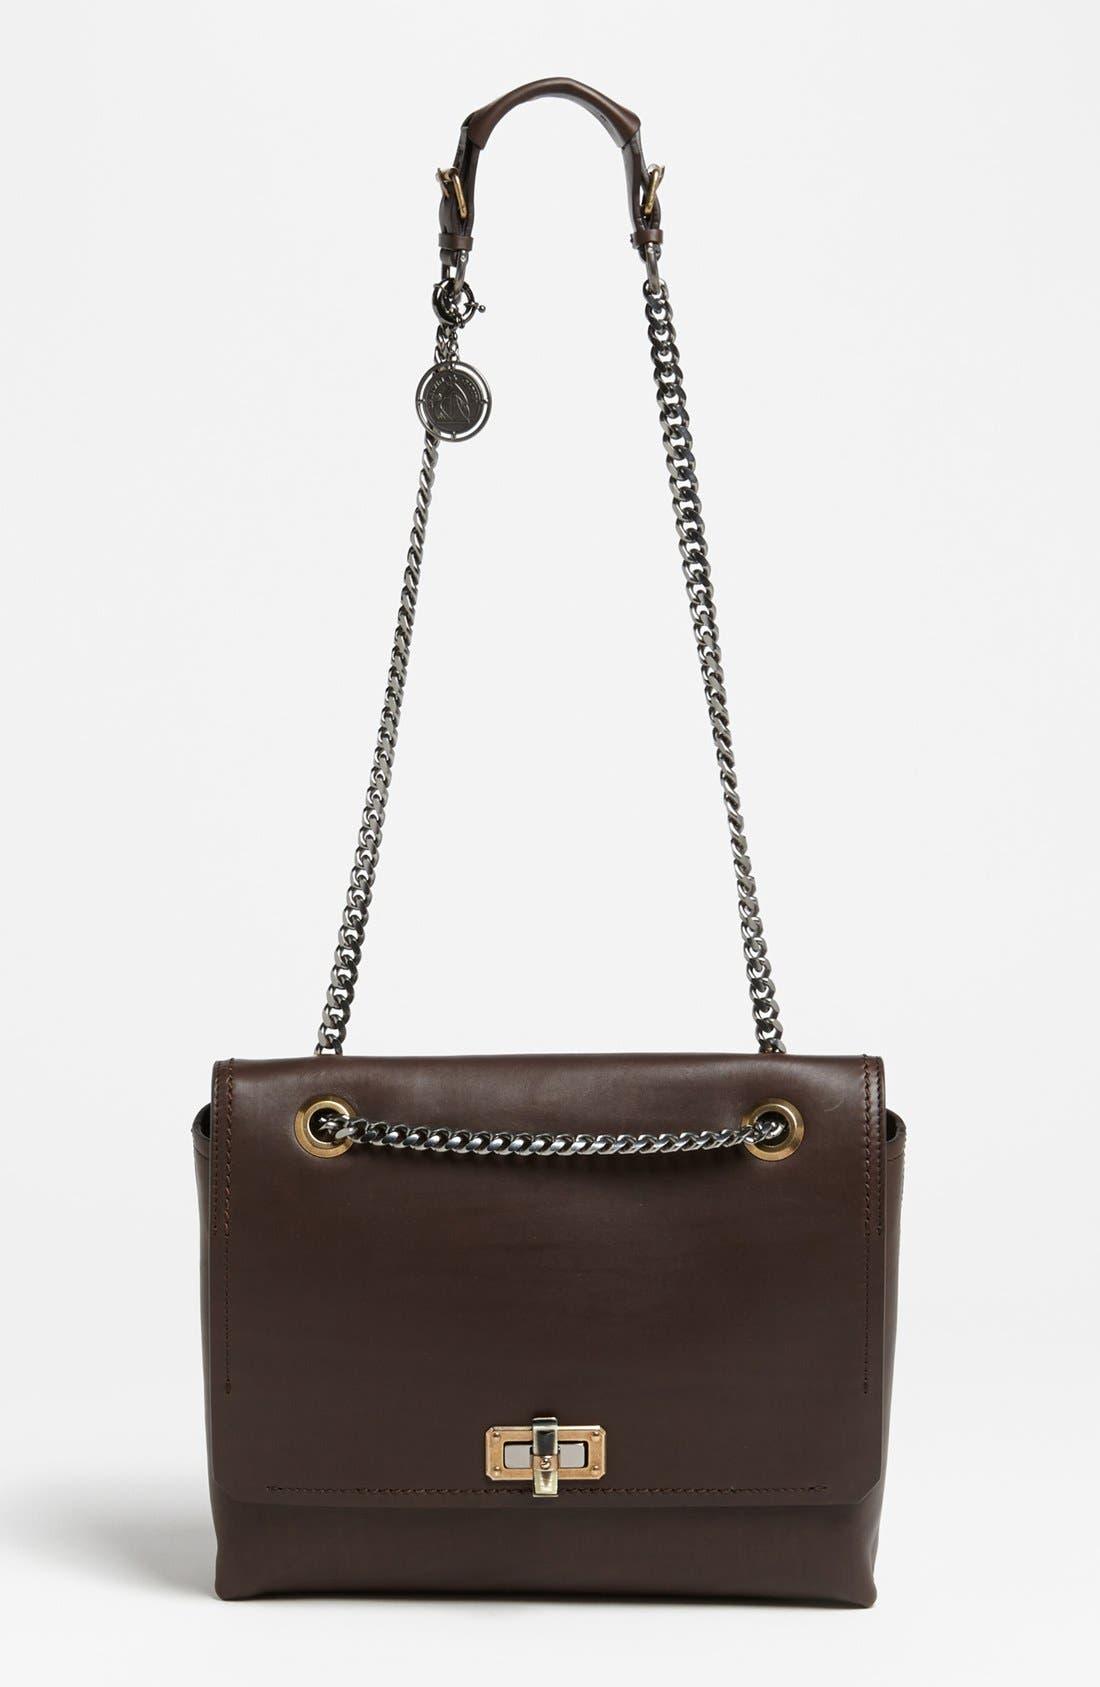 Alternate Image 1 Selected - Lanvin 'Happy - Medium' Leather Flap Shoulder Bag